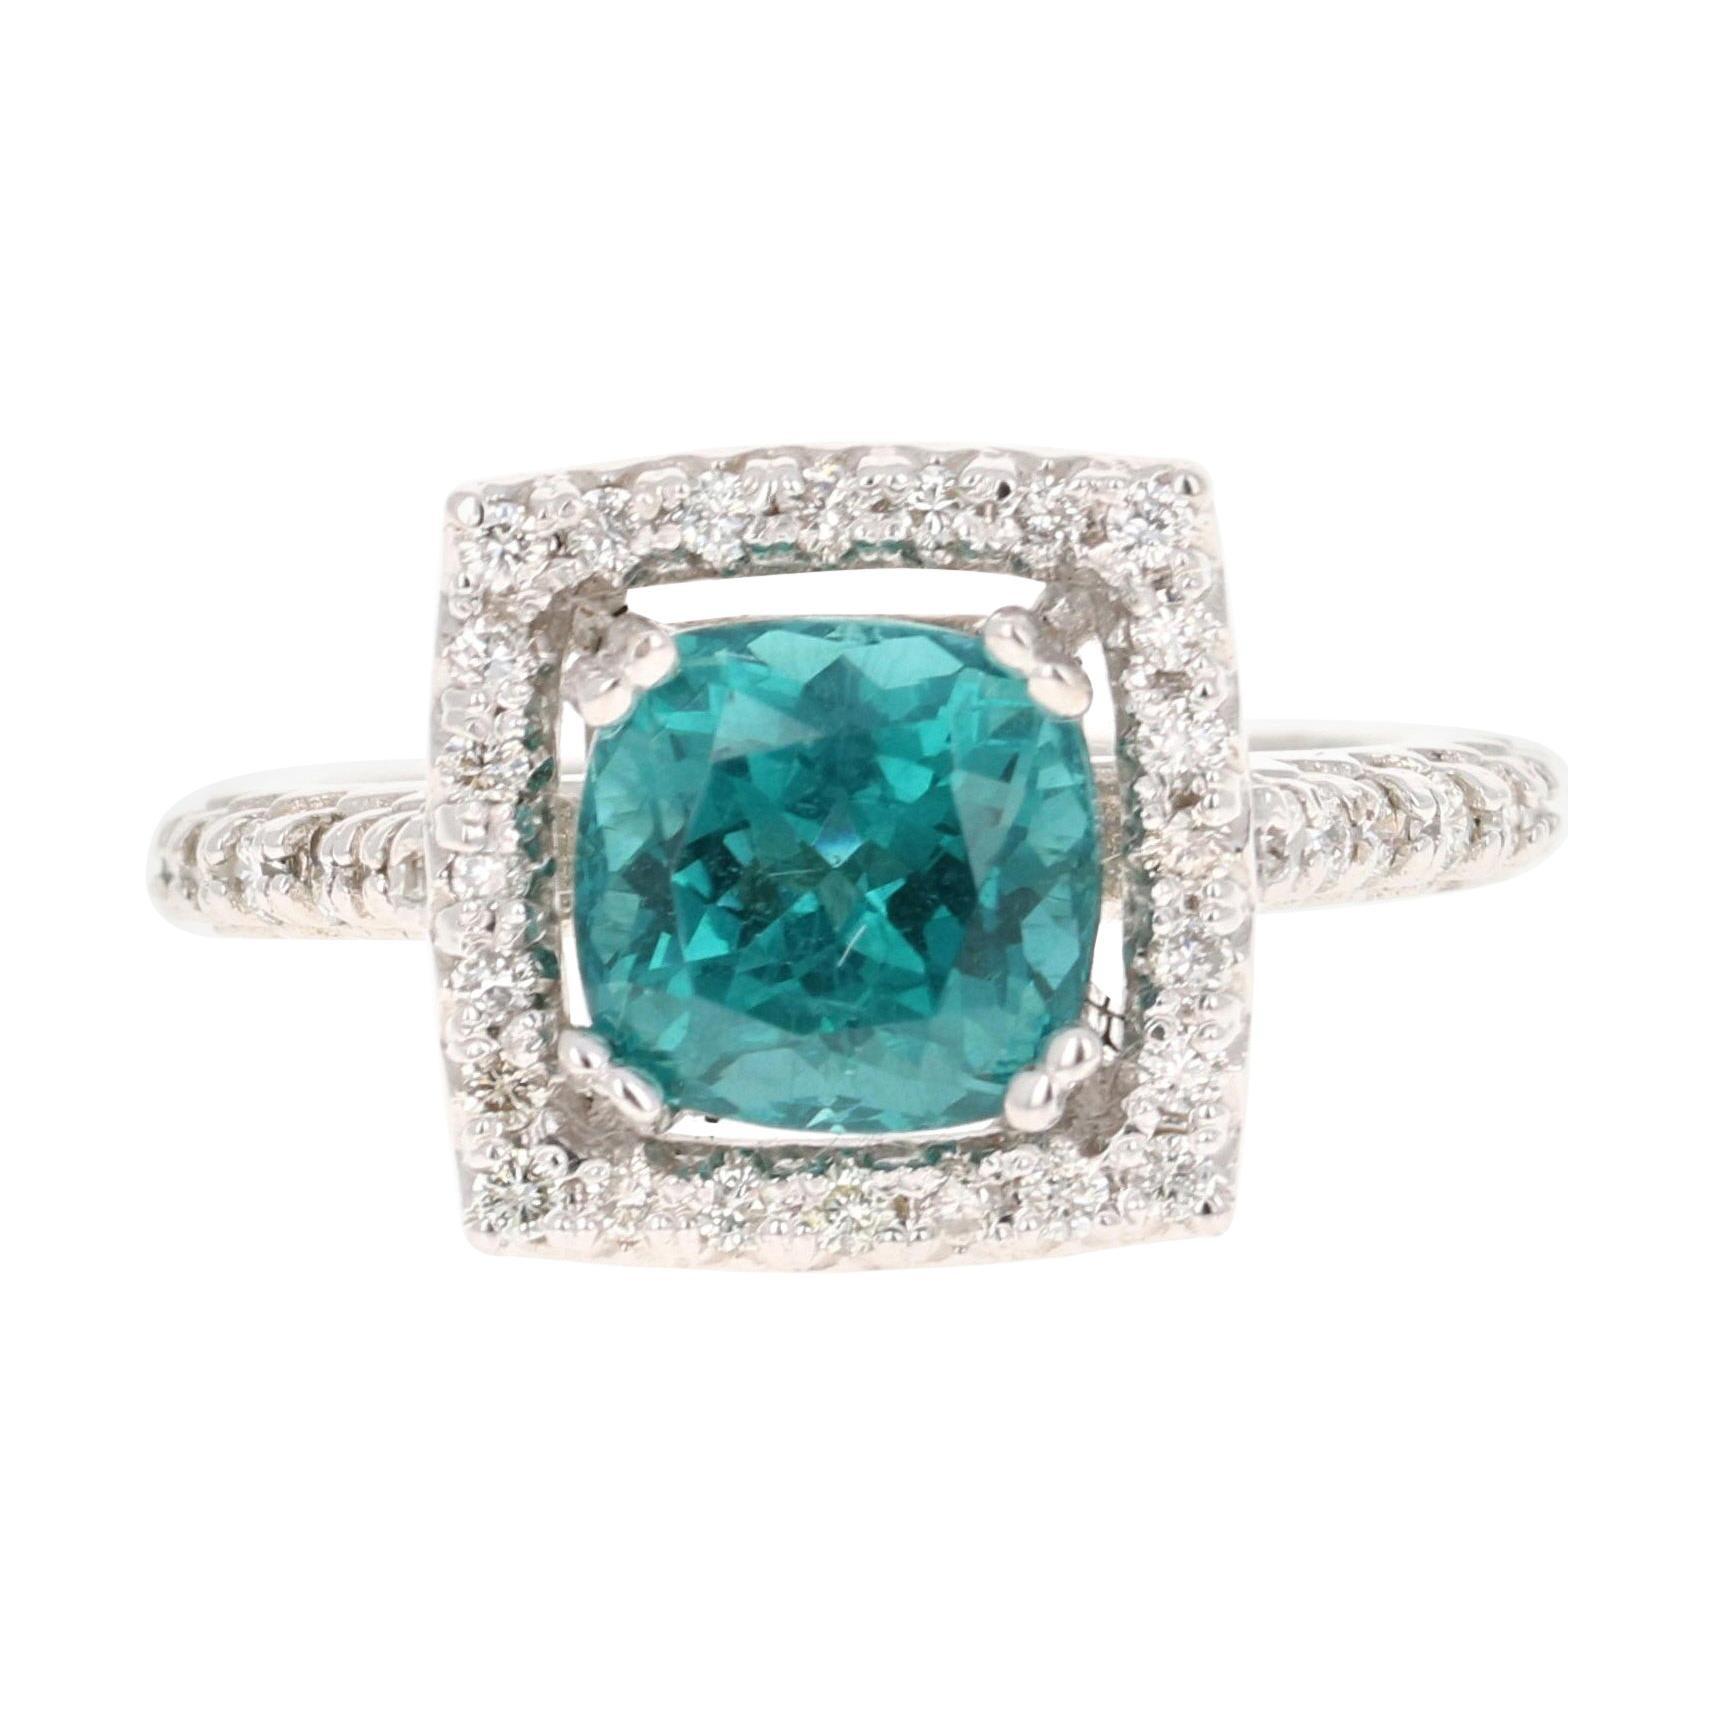 5.11 Carat Apatite Diamond White Gold Engagement Ring